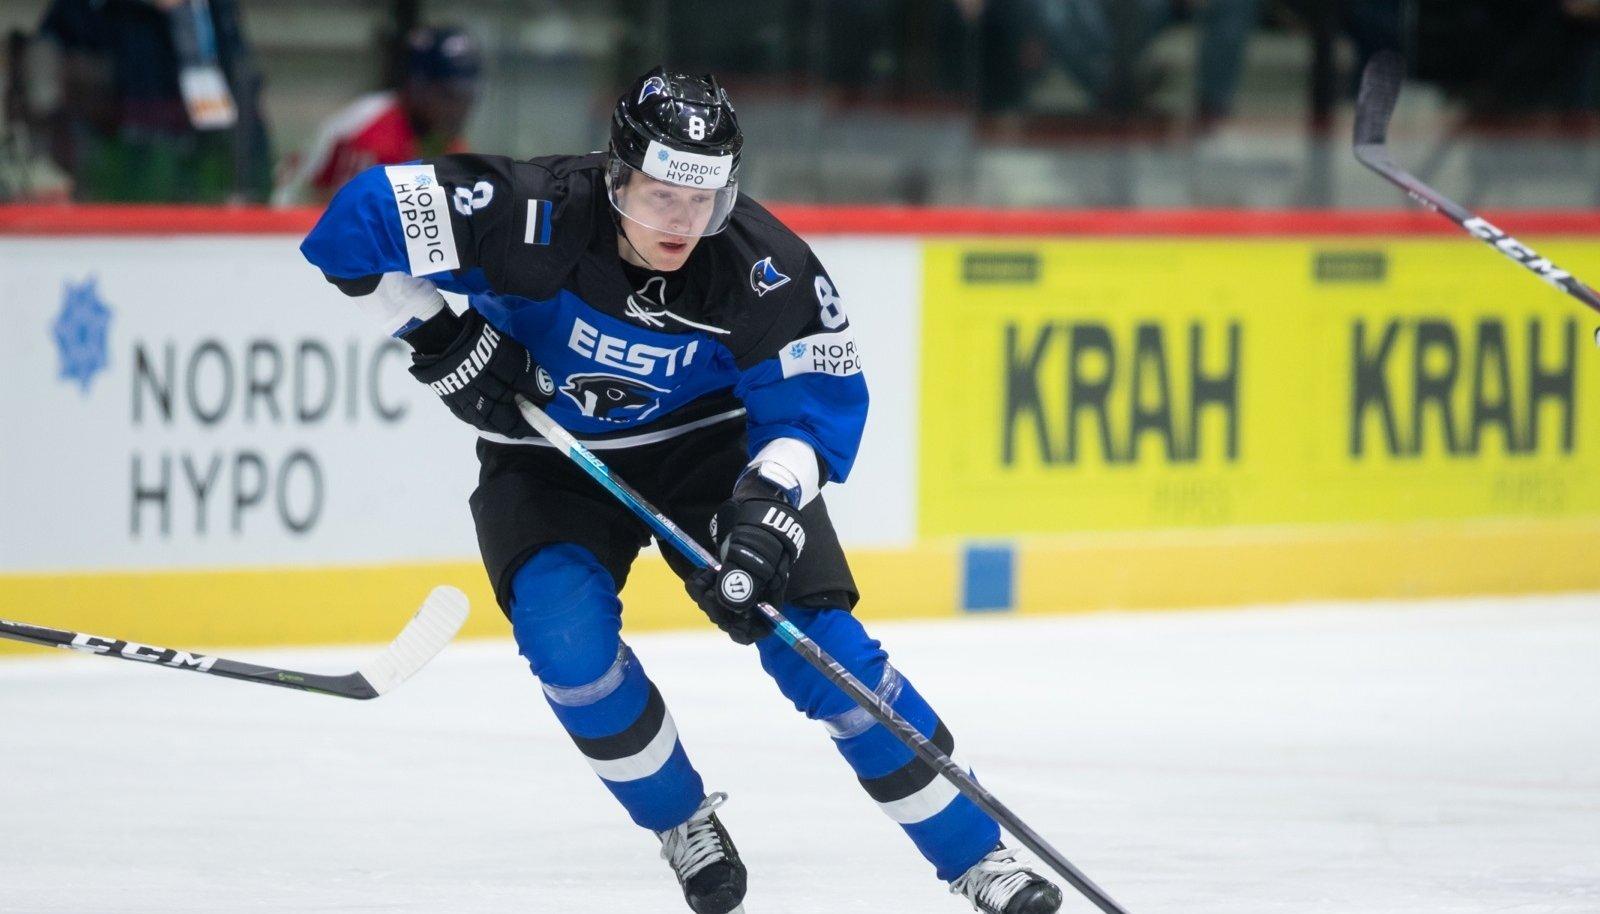 Eesti jäähokikoondis läks jäähoki MM-i I-divisjoni B-grupi kohtumises vastamisi Jaapani koondisega. Eestlased kaotasid 2:5.